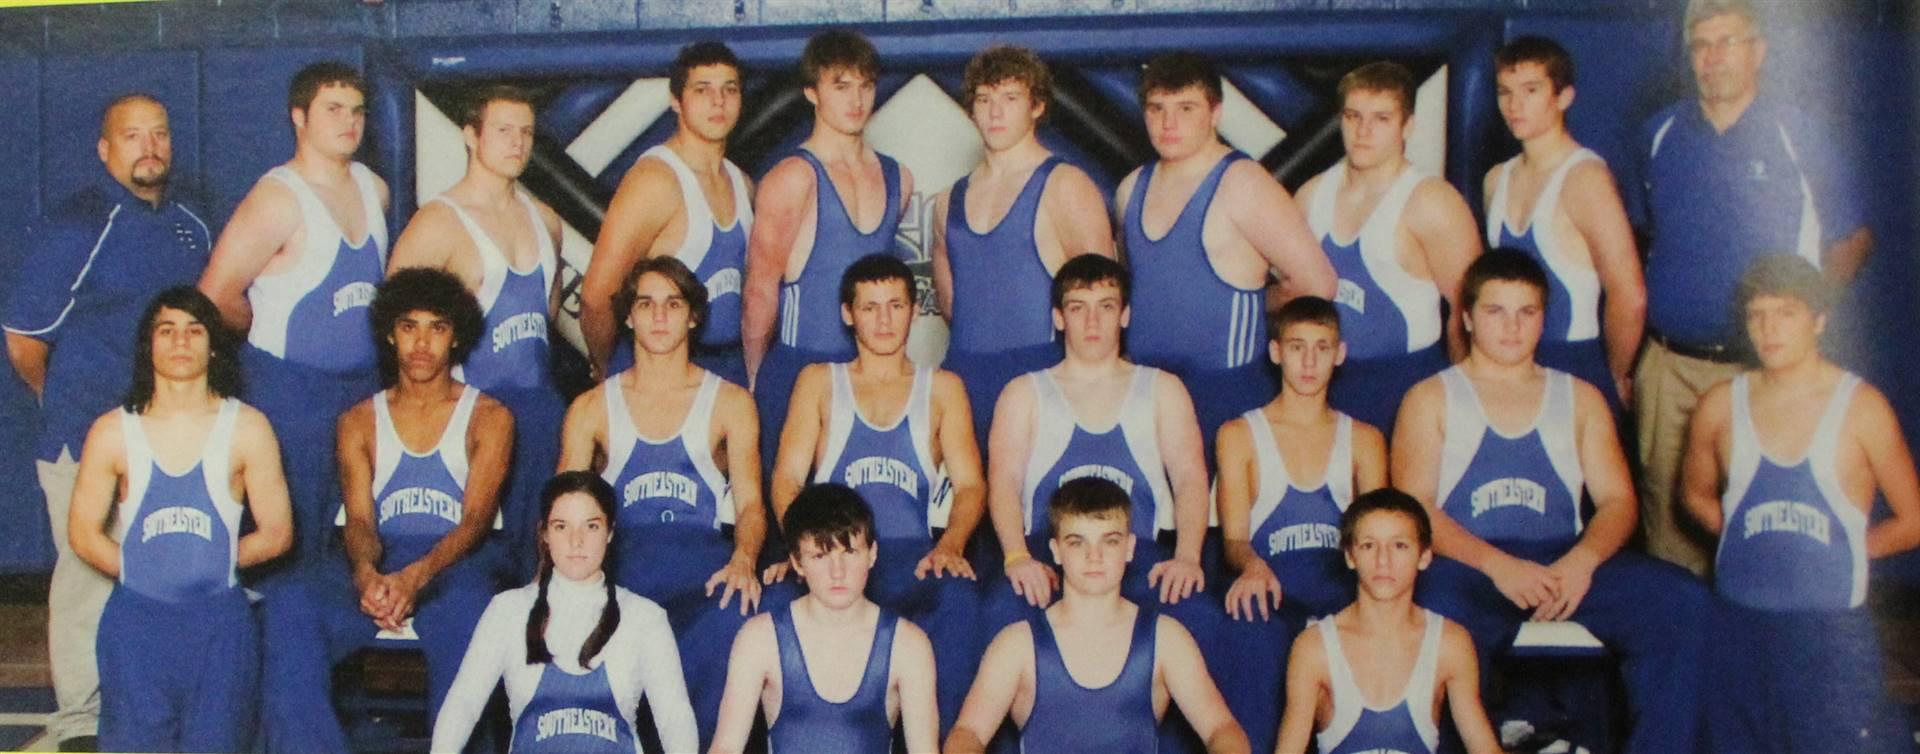 2009 Wrestling